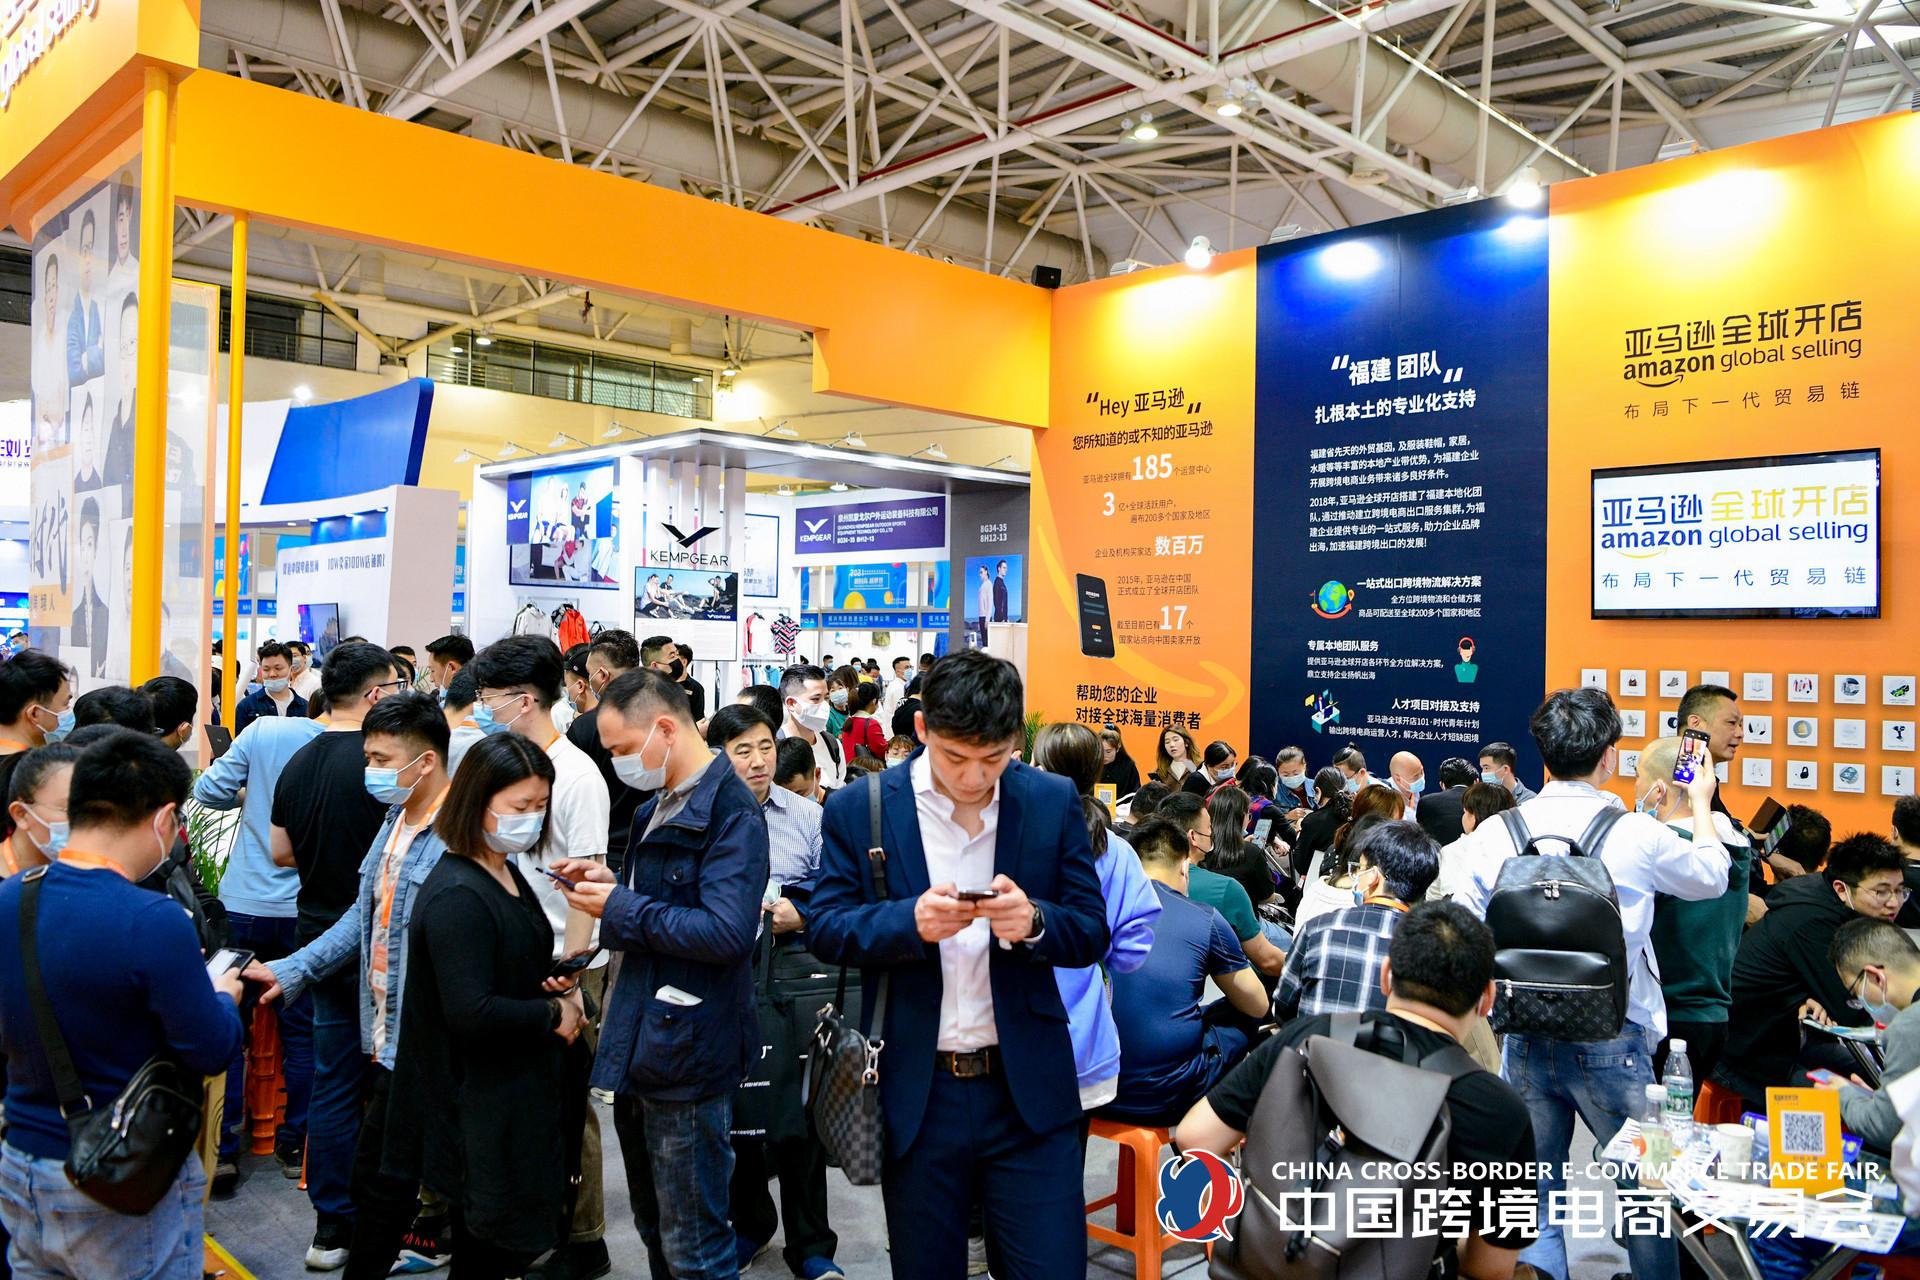 2022中国跨境电商交易会/中国跨交会/第三届福州跨境电商展